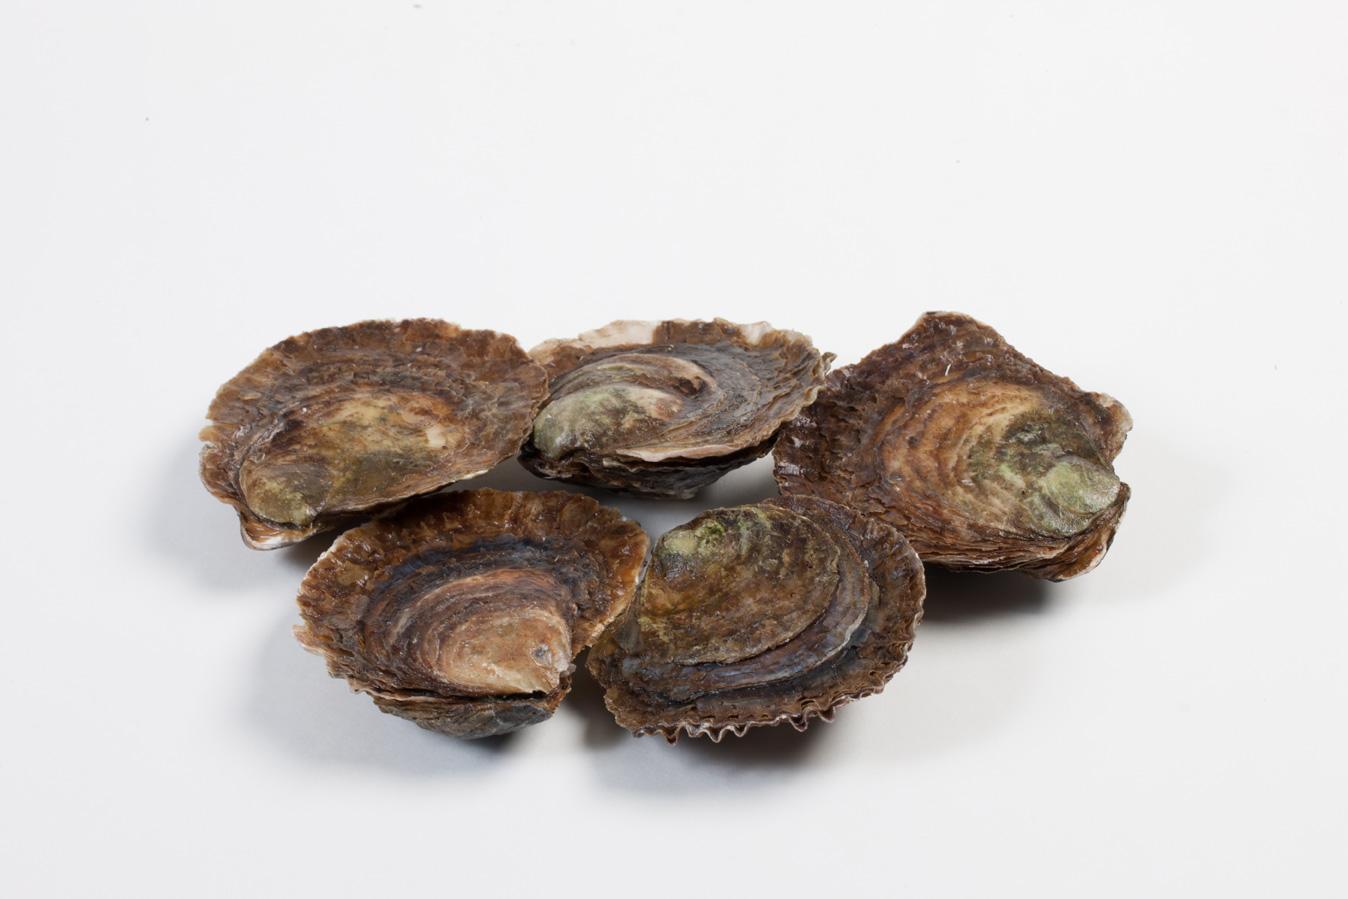 Groothandel-vis-FishXL-schelpdieren-zeeuwse-platte-oesters_WL_9839